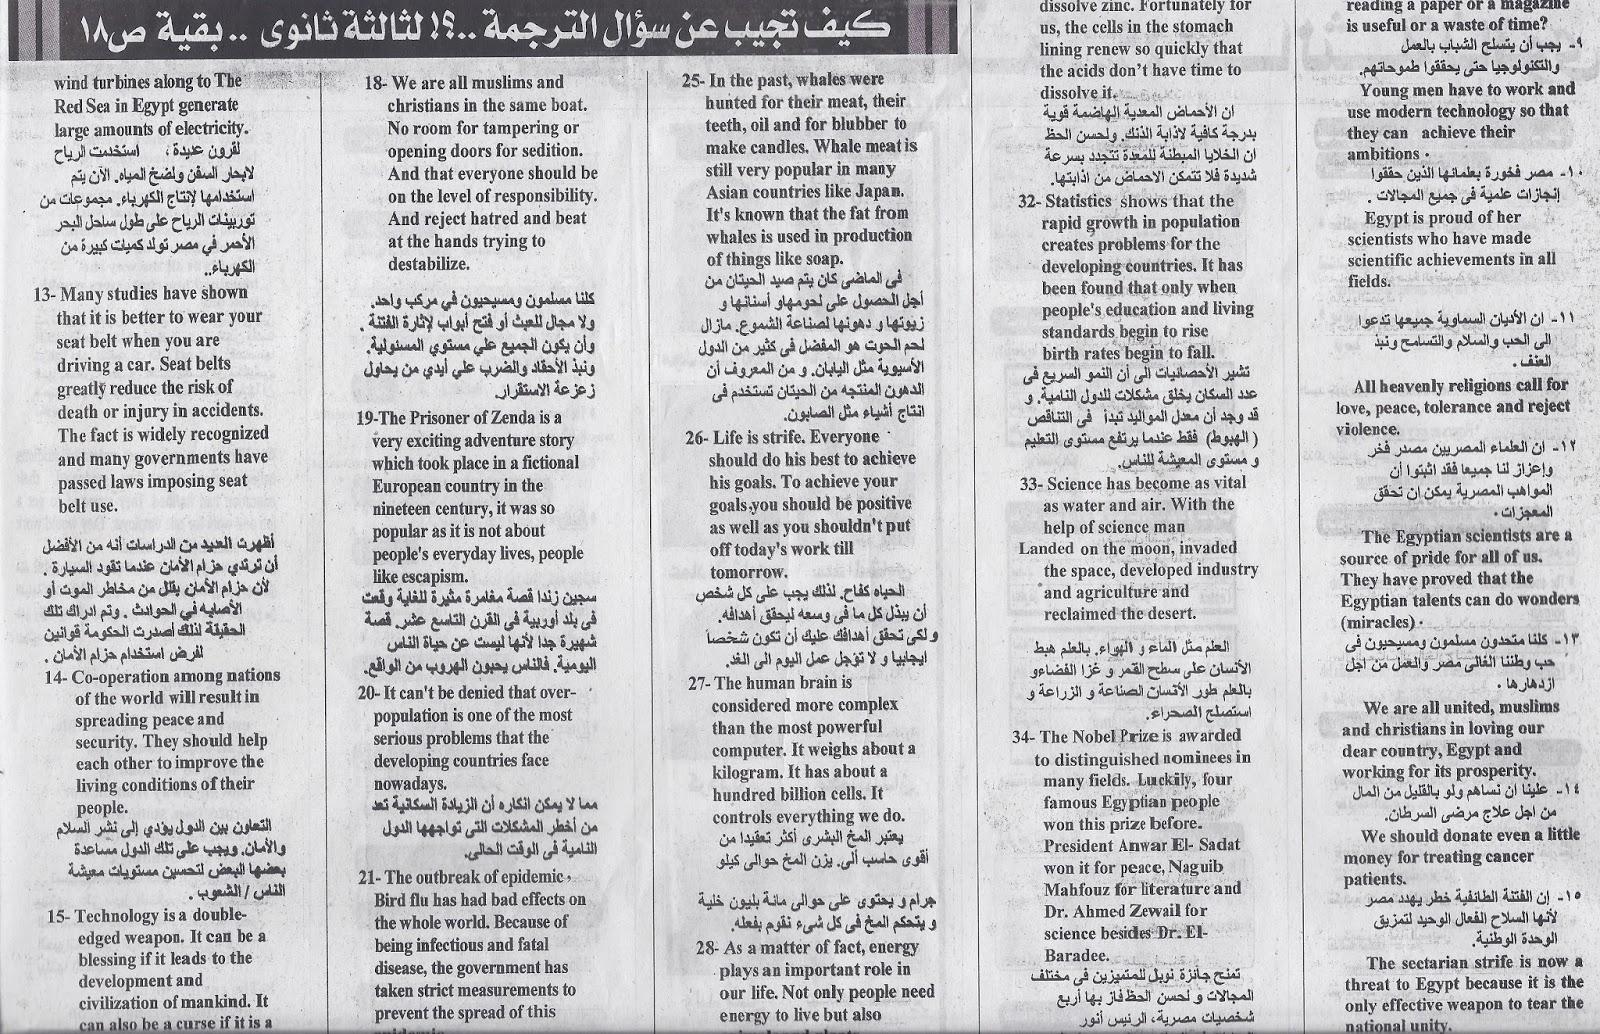 السؤال الاخير الترجمة (اهم تراجم اﻻحداث الجارية 2018)لطالبة وطالبات الصف الثالث الثانوى  9- Translation B) Translate into English: